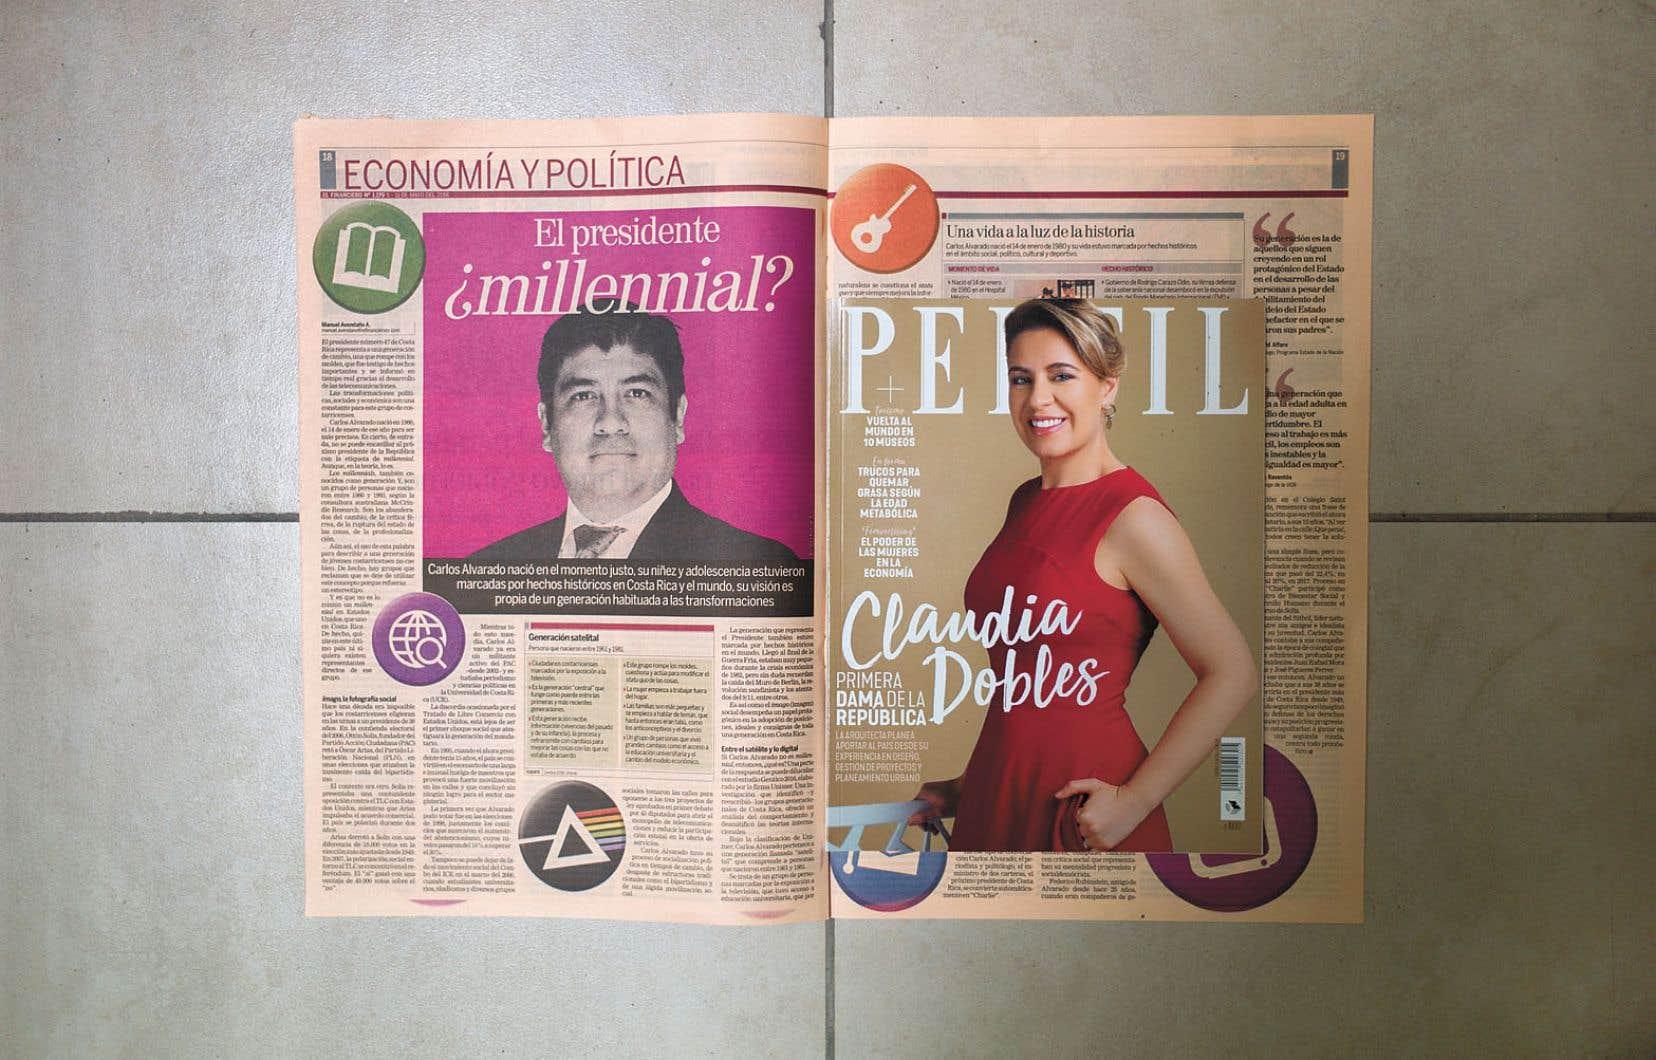 Carlos Alvarado, «président millénial?», s'interroge le quotidien «El Financiero». En une du populaire magazine «Perfil», sa conjointe, Claudia Dobles. Une couverture médiatique qui mise sur leur fraîcheur et qui rappelle celle du couple Trudeau-Grégoire.